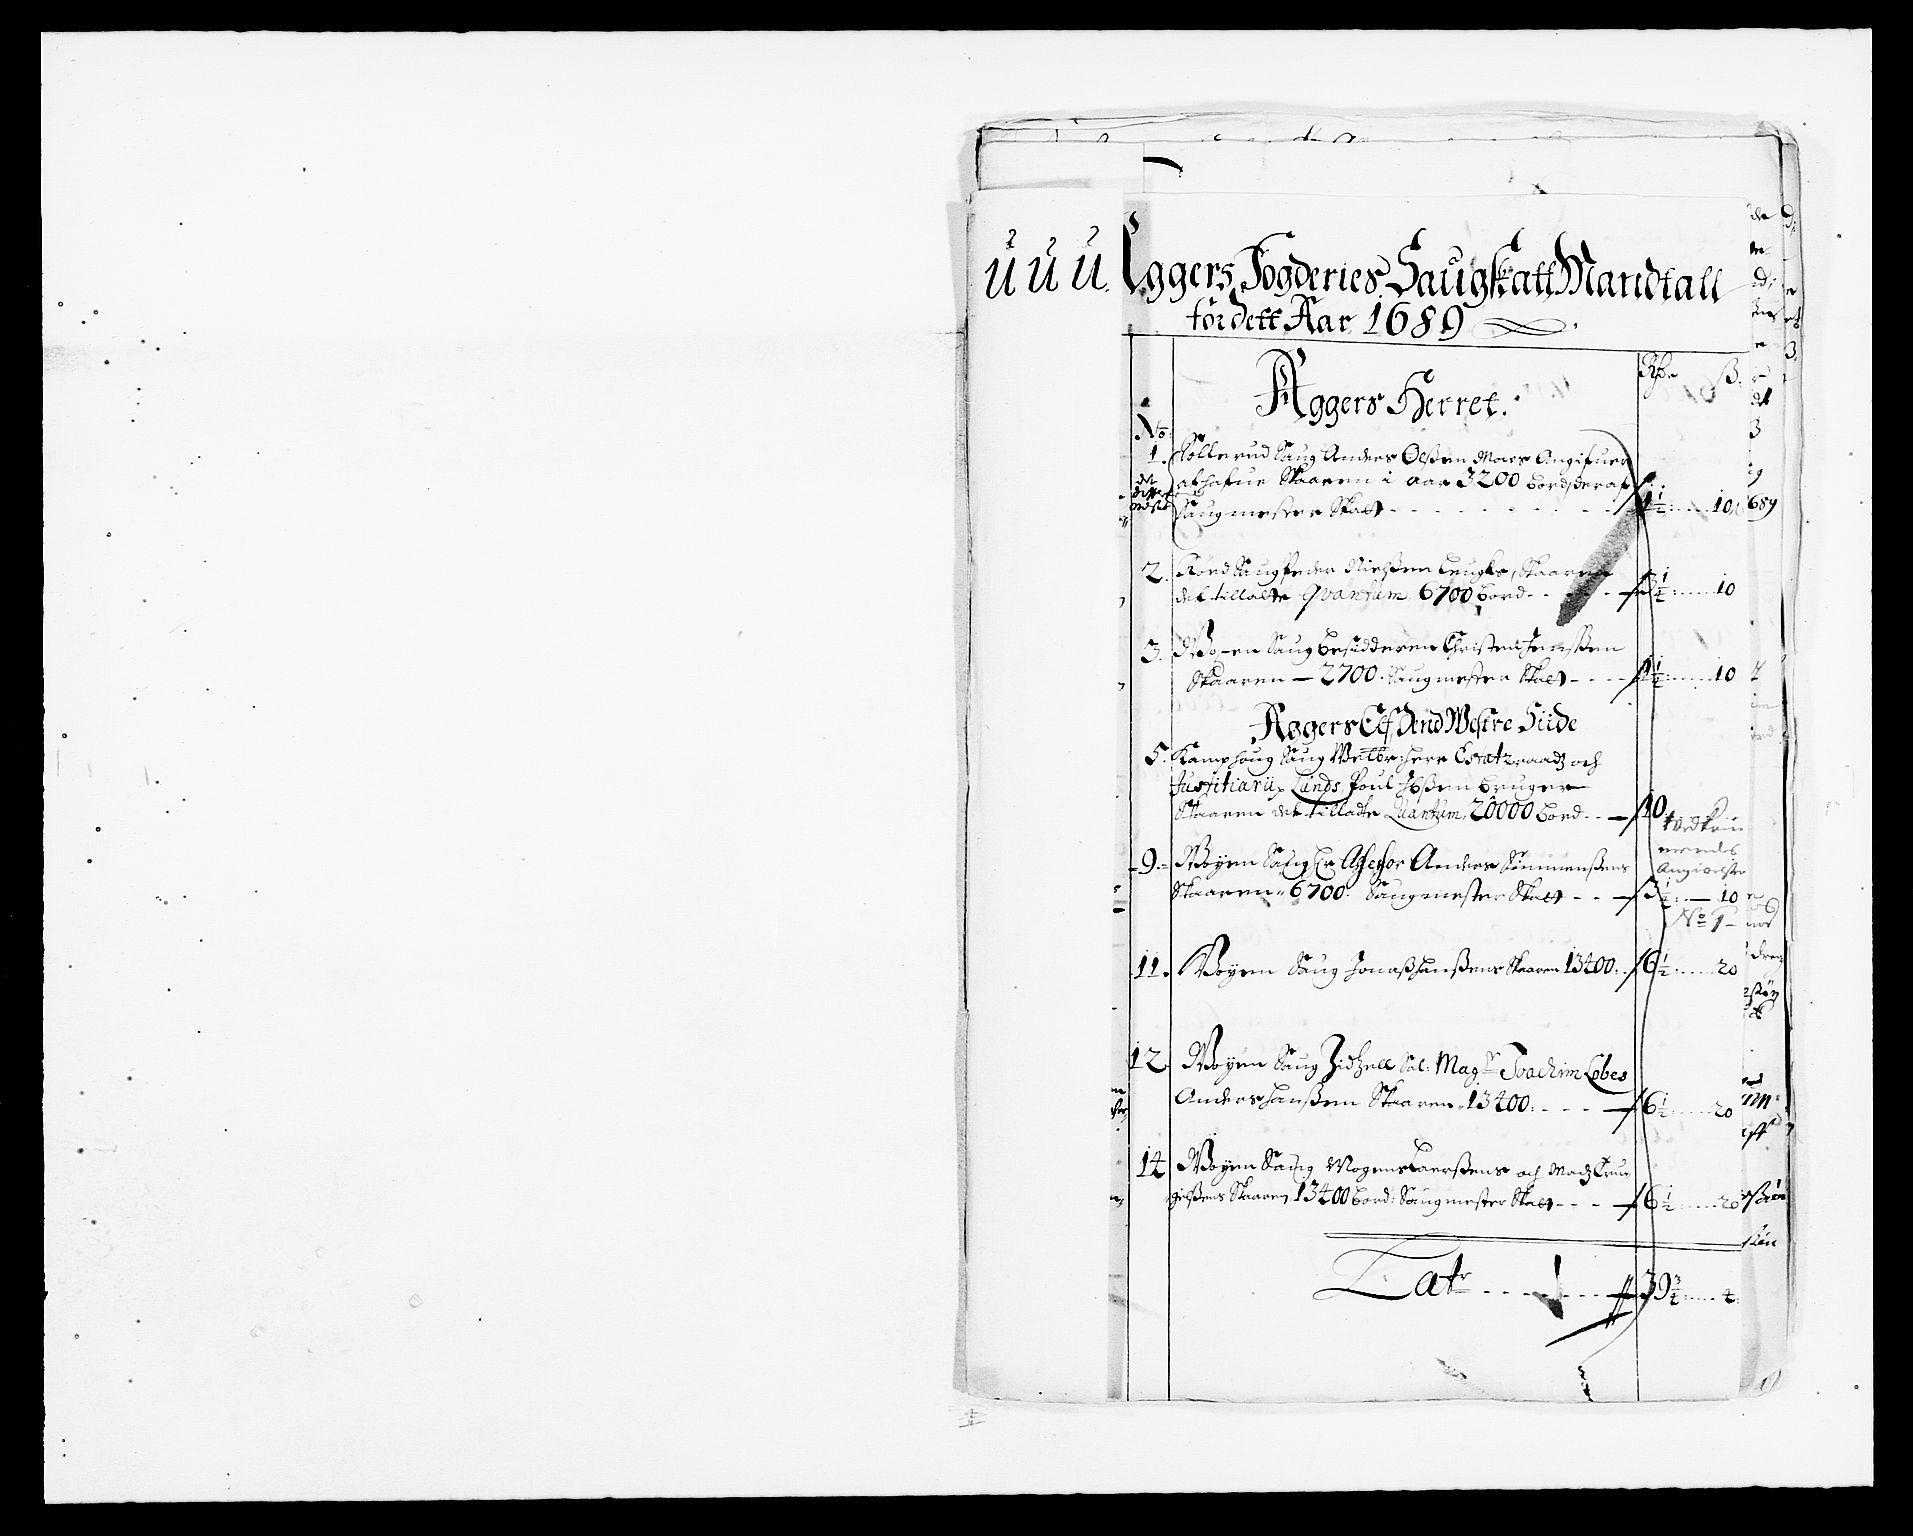 RA, Rentekammeret inntil 1814, Reviderte regnskaper, Fogderegnskap, R08/L0423: Fogderegnskap Aker, 1687-1689, s. 47